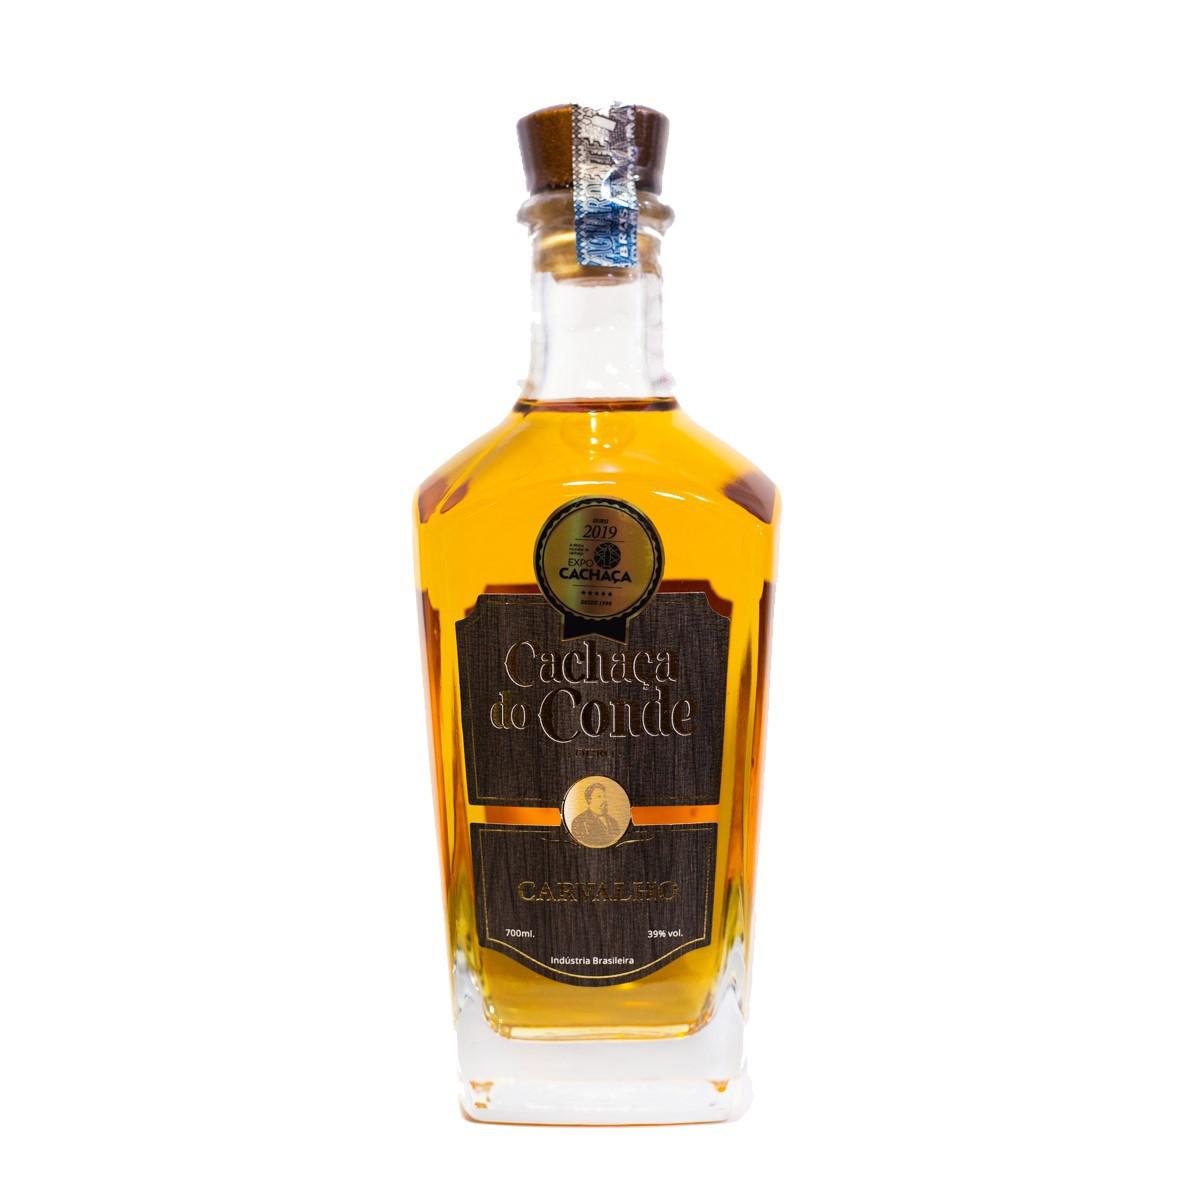 Cachaça Ouro - Edição Especial - Do Conde - 700 ml